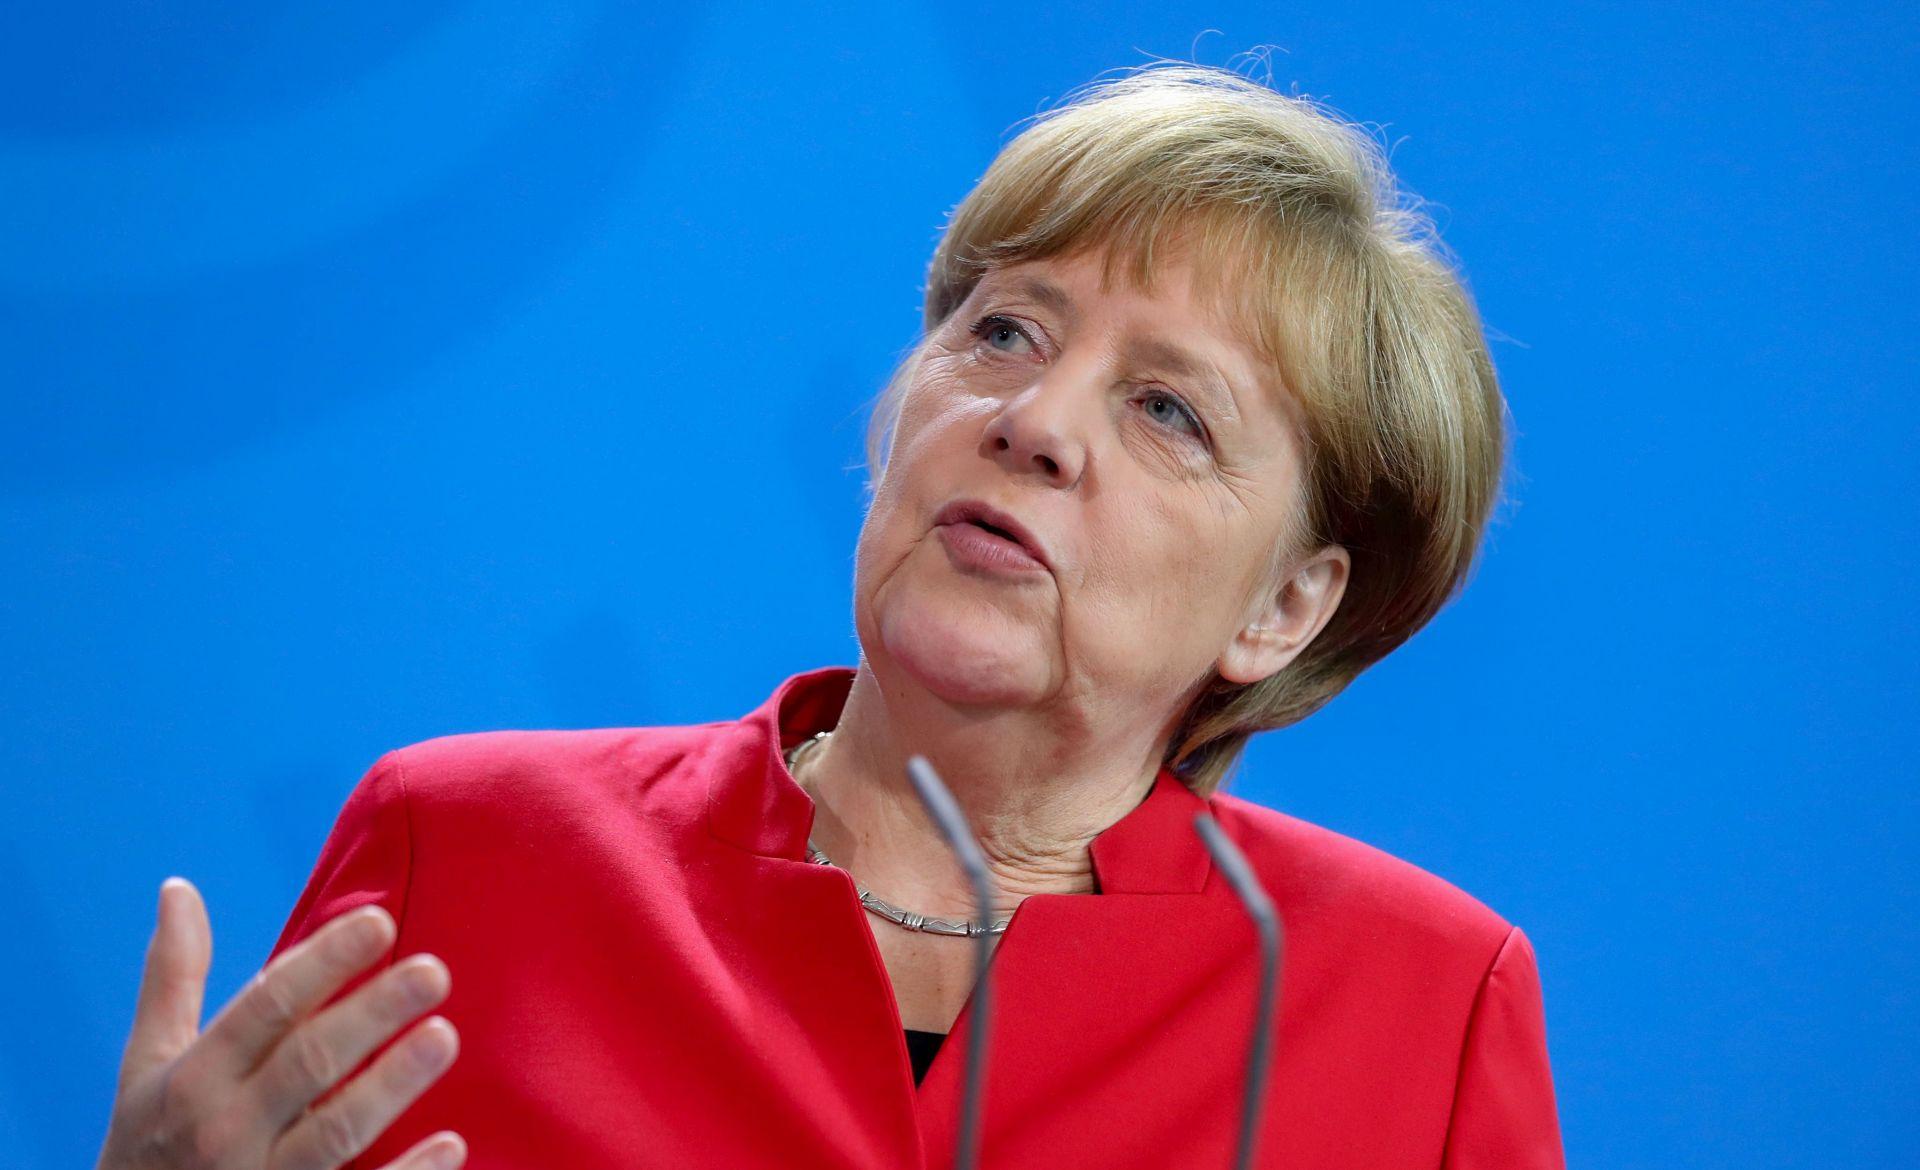 """Merkel: U pregovorima s Britanijom ne treba biti """"zločest"""""""